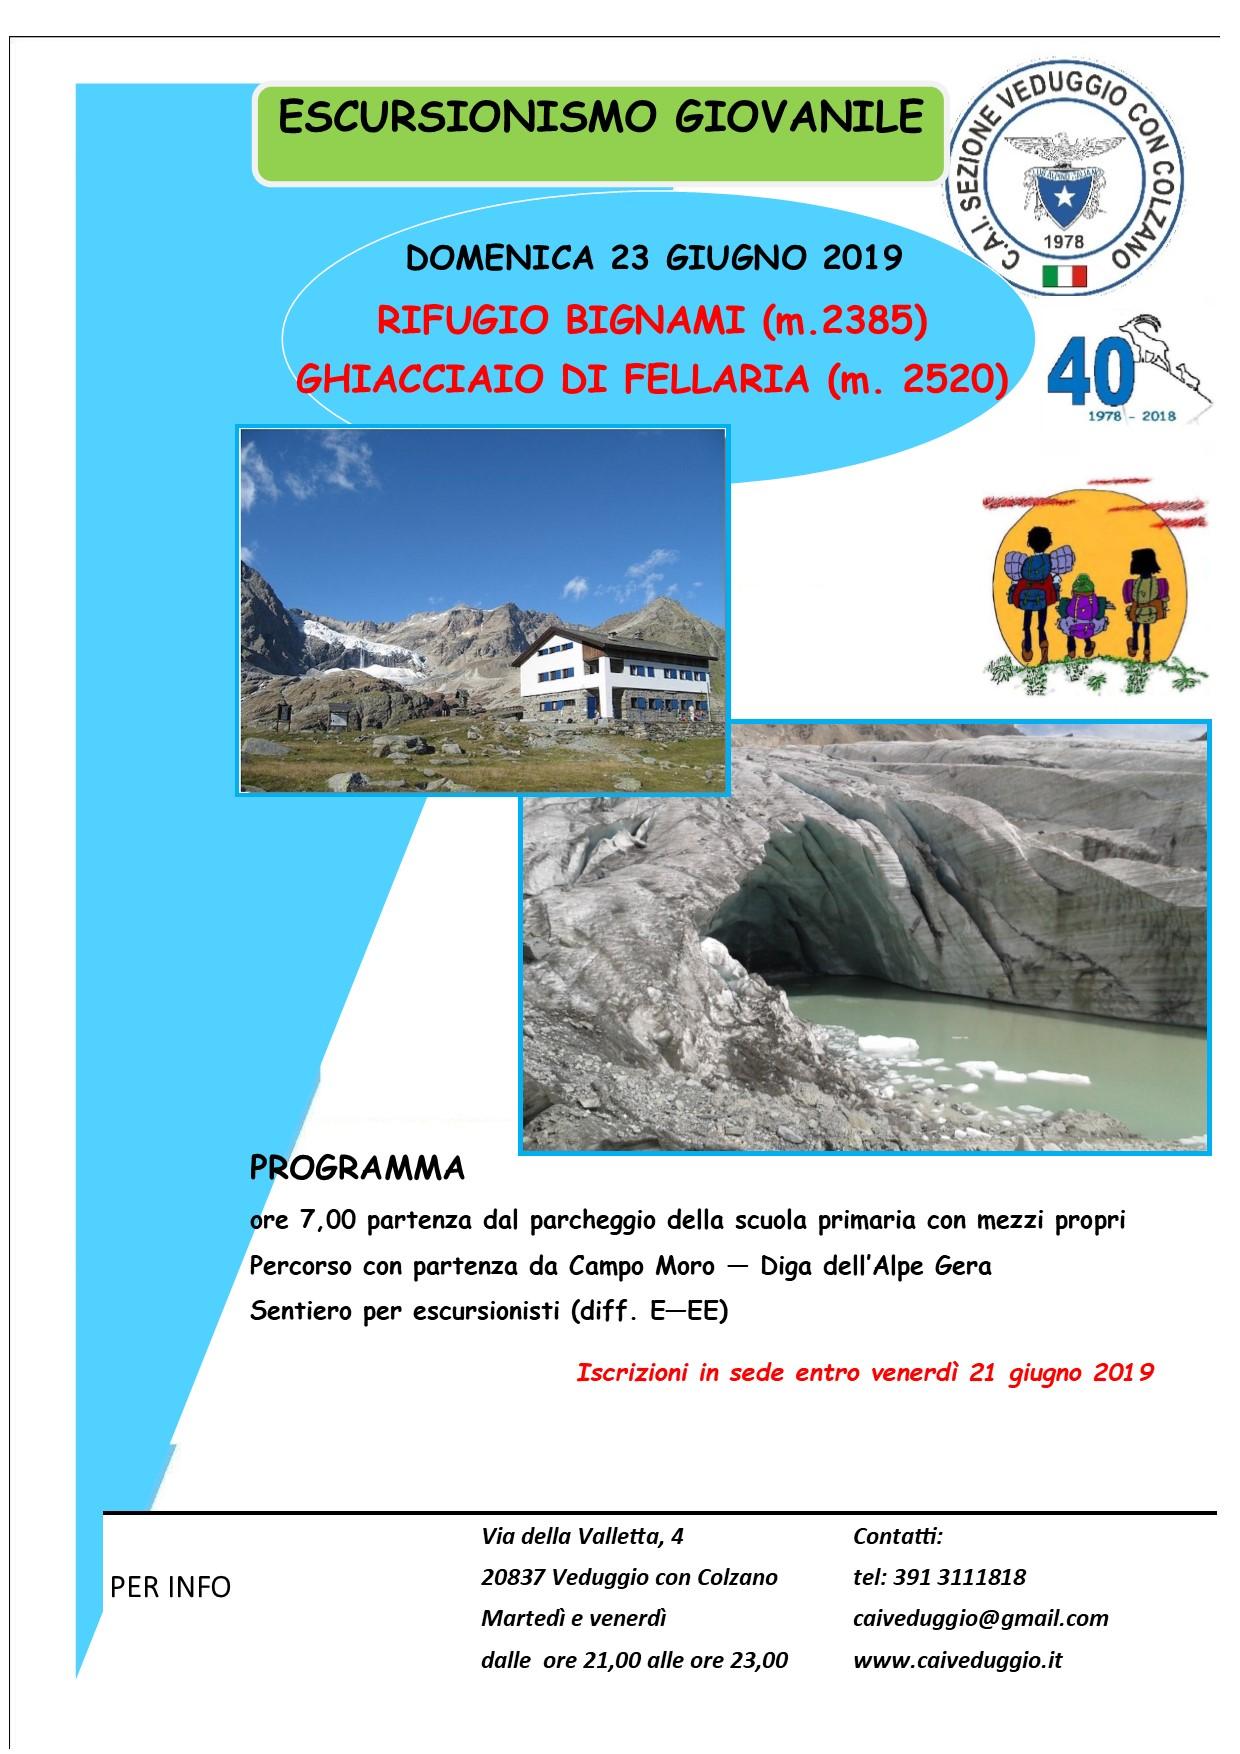 Domenica 23 giugno 2019 – Escursionismo giovanile – Rifugio Bignami – Ghiacciaio di Fellaria